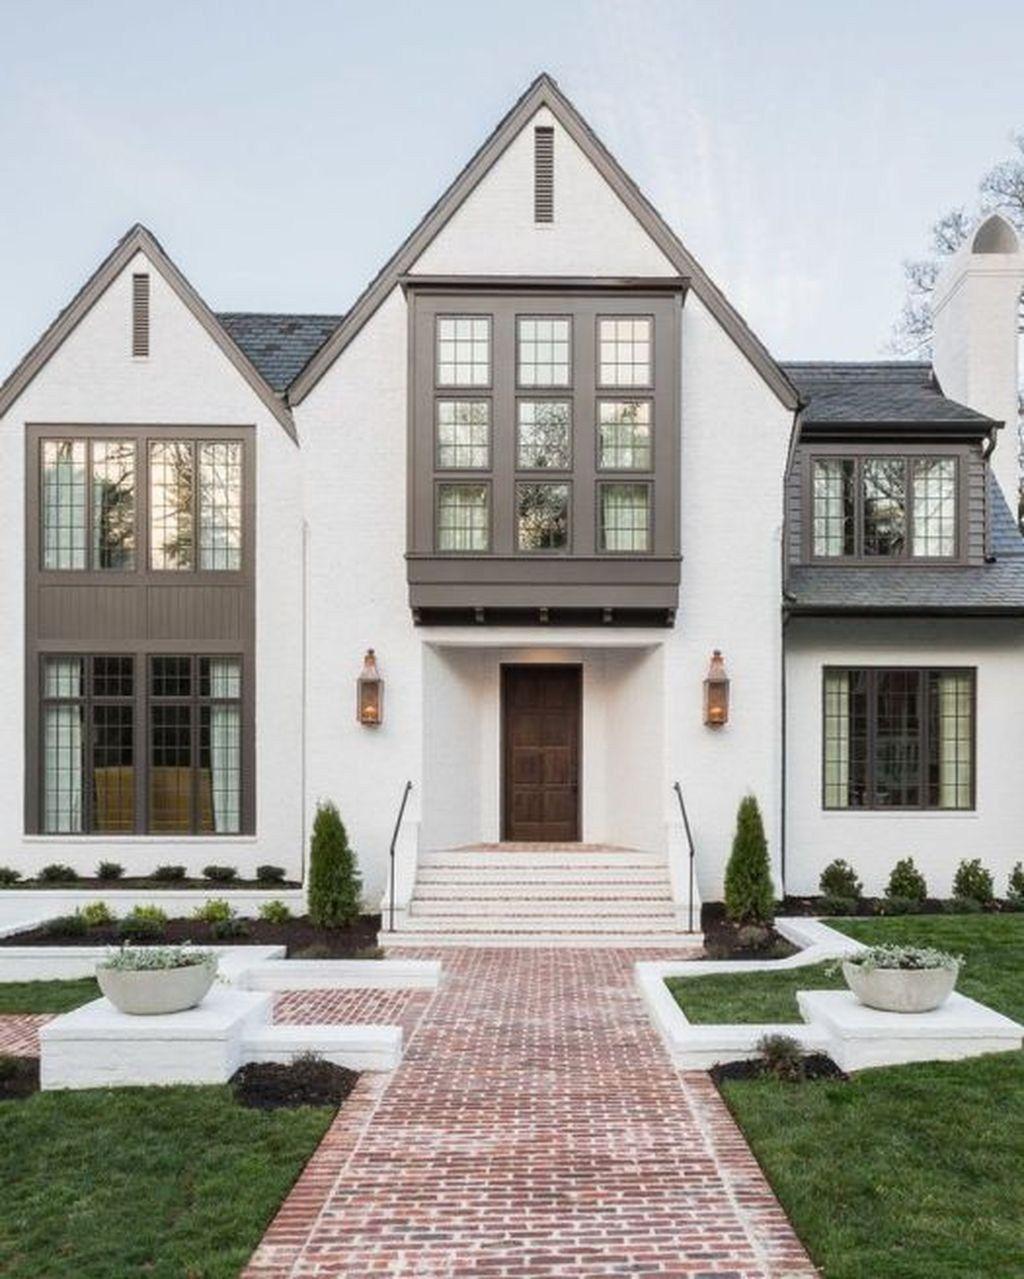 35 Elegant White Farmhouse Design Ideas To Give Beautiful